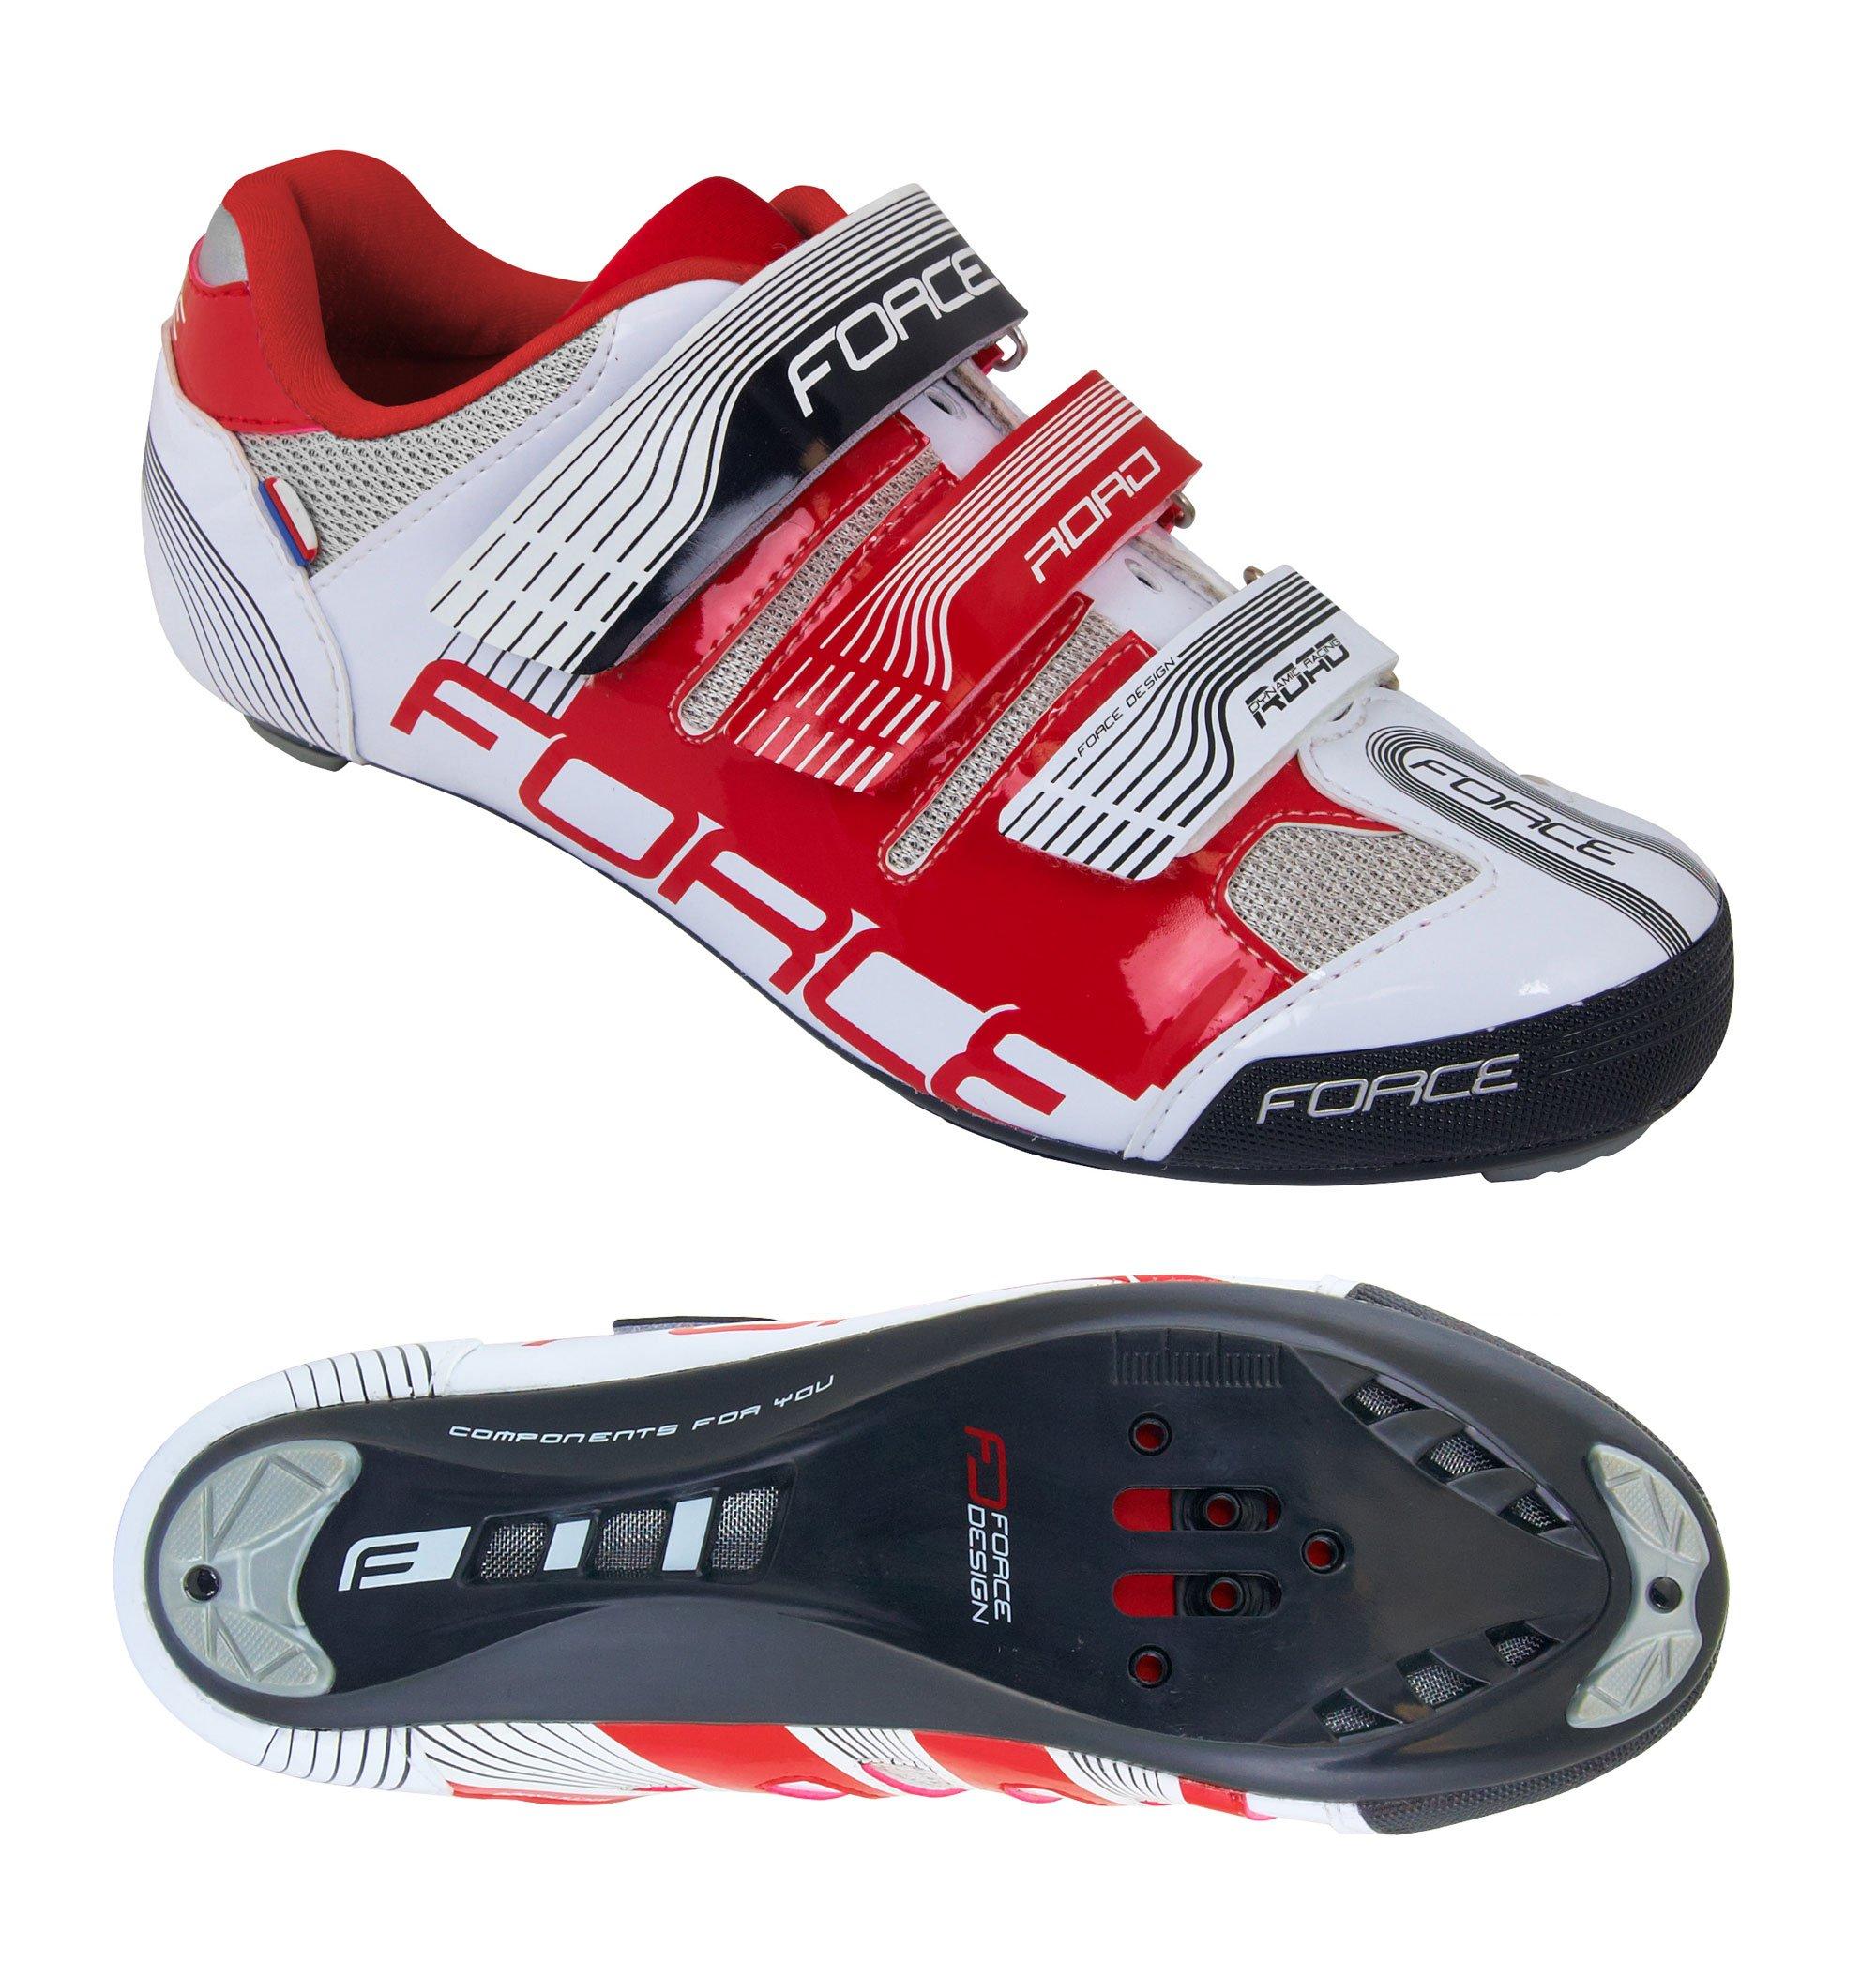 Force Road Spikes cykelsko hvid/rød